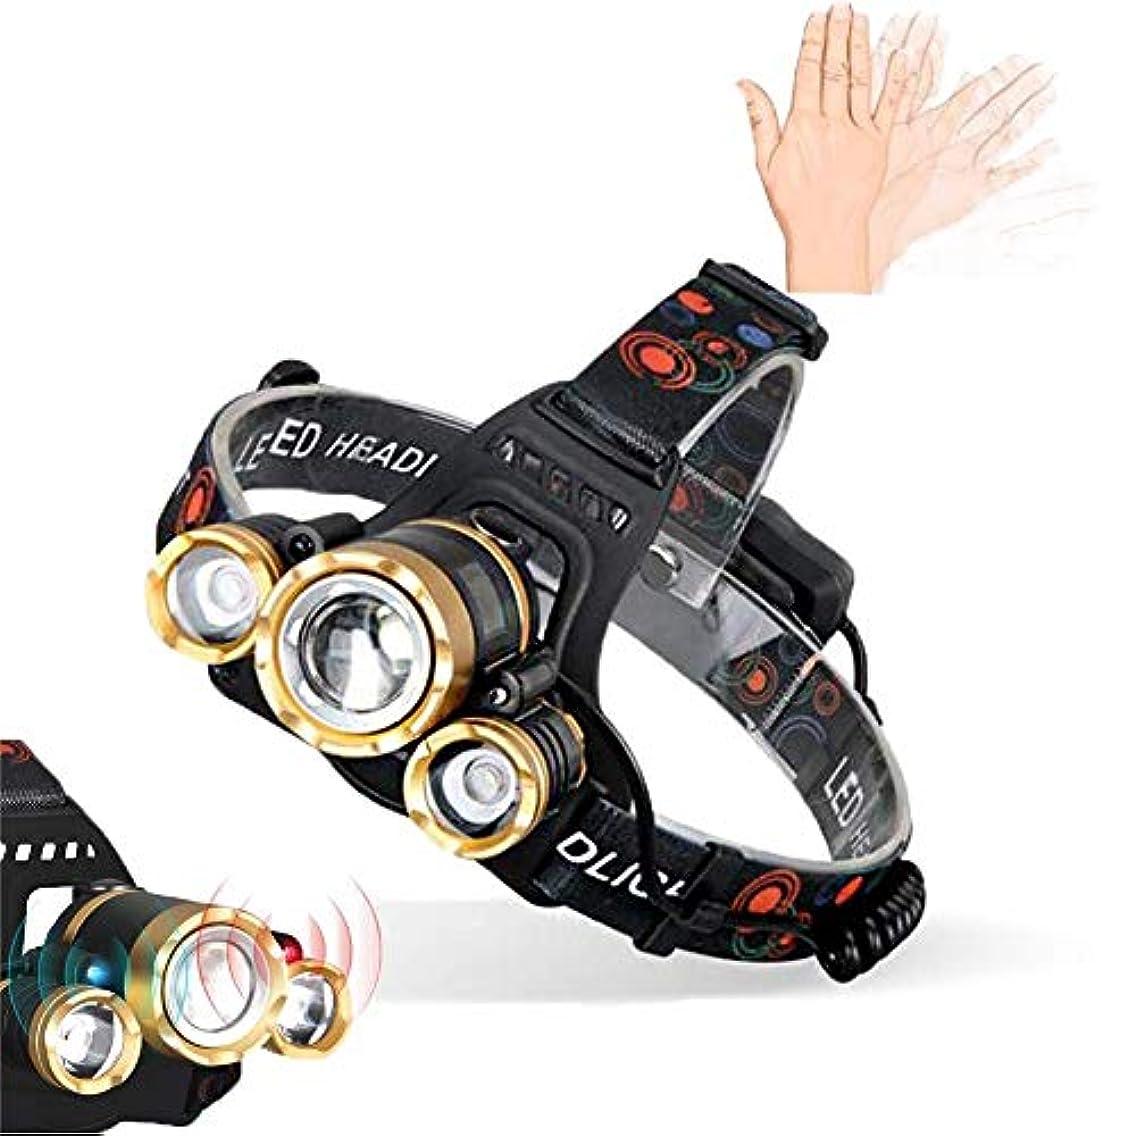 アブセイコーン飲み込むヘッドライト懐中電灯ヘッドライト用防水ヘッドライト、最も明るい3 LEDヘッドランプ懐中電灯、充電式ヘッドランプ夜間走行用キャンプ用充電式